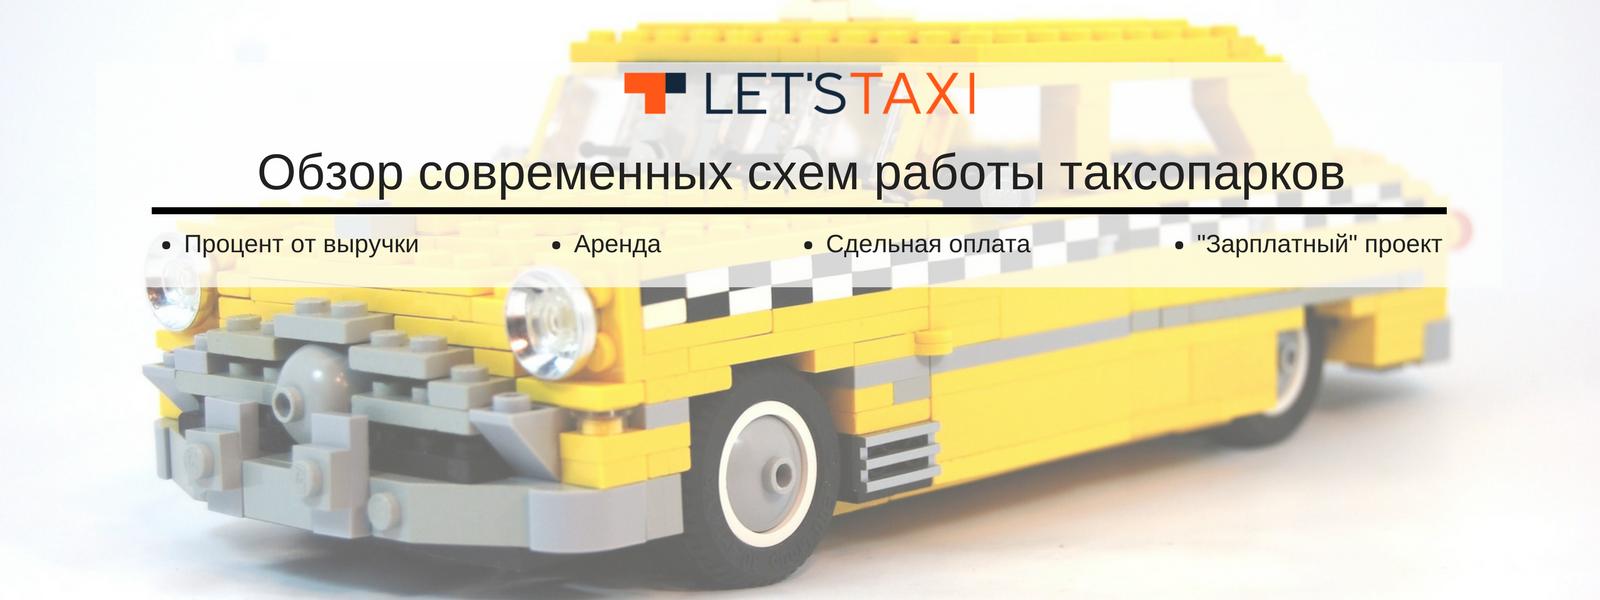 Схемы работы таксопарков